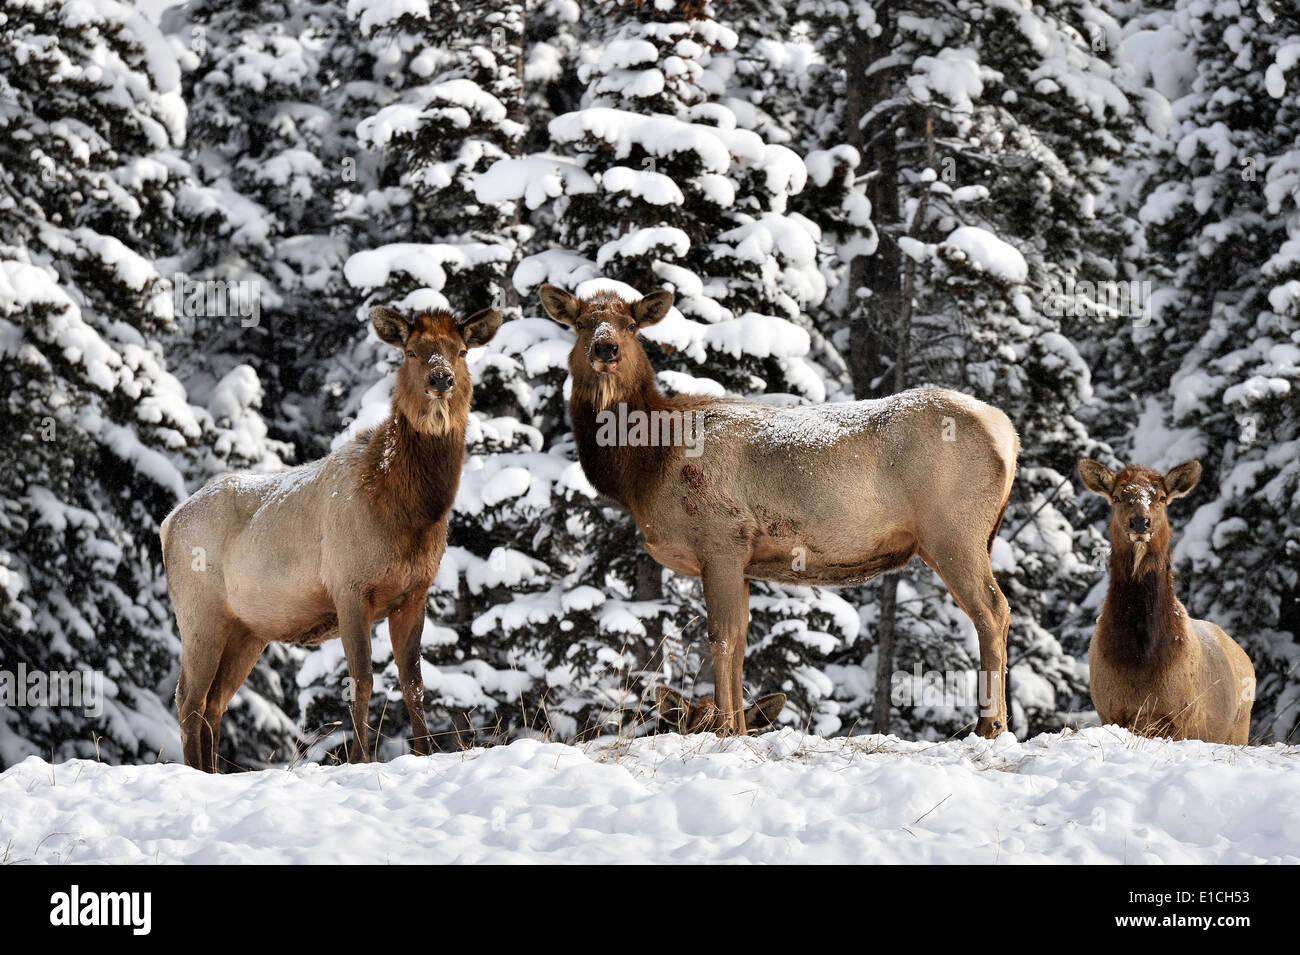 Tres hembras elk de pie sobre una colina cubierta de nieve deseando alerta Imagen De Stock